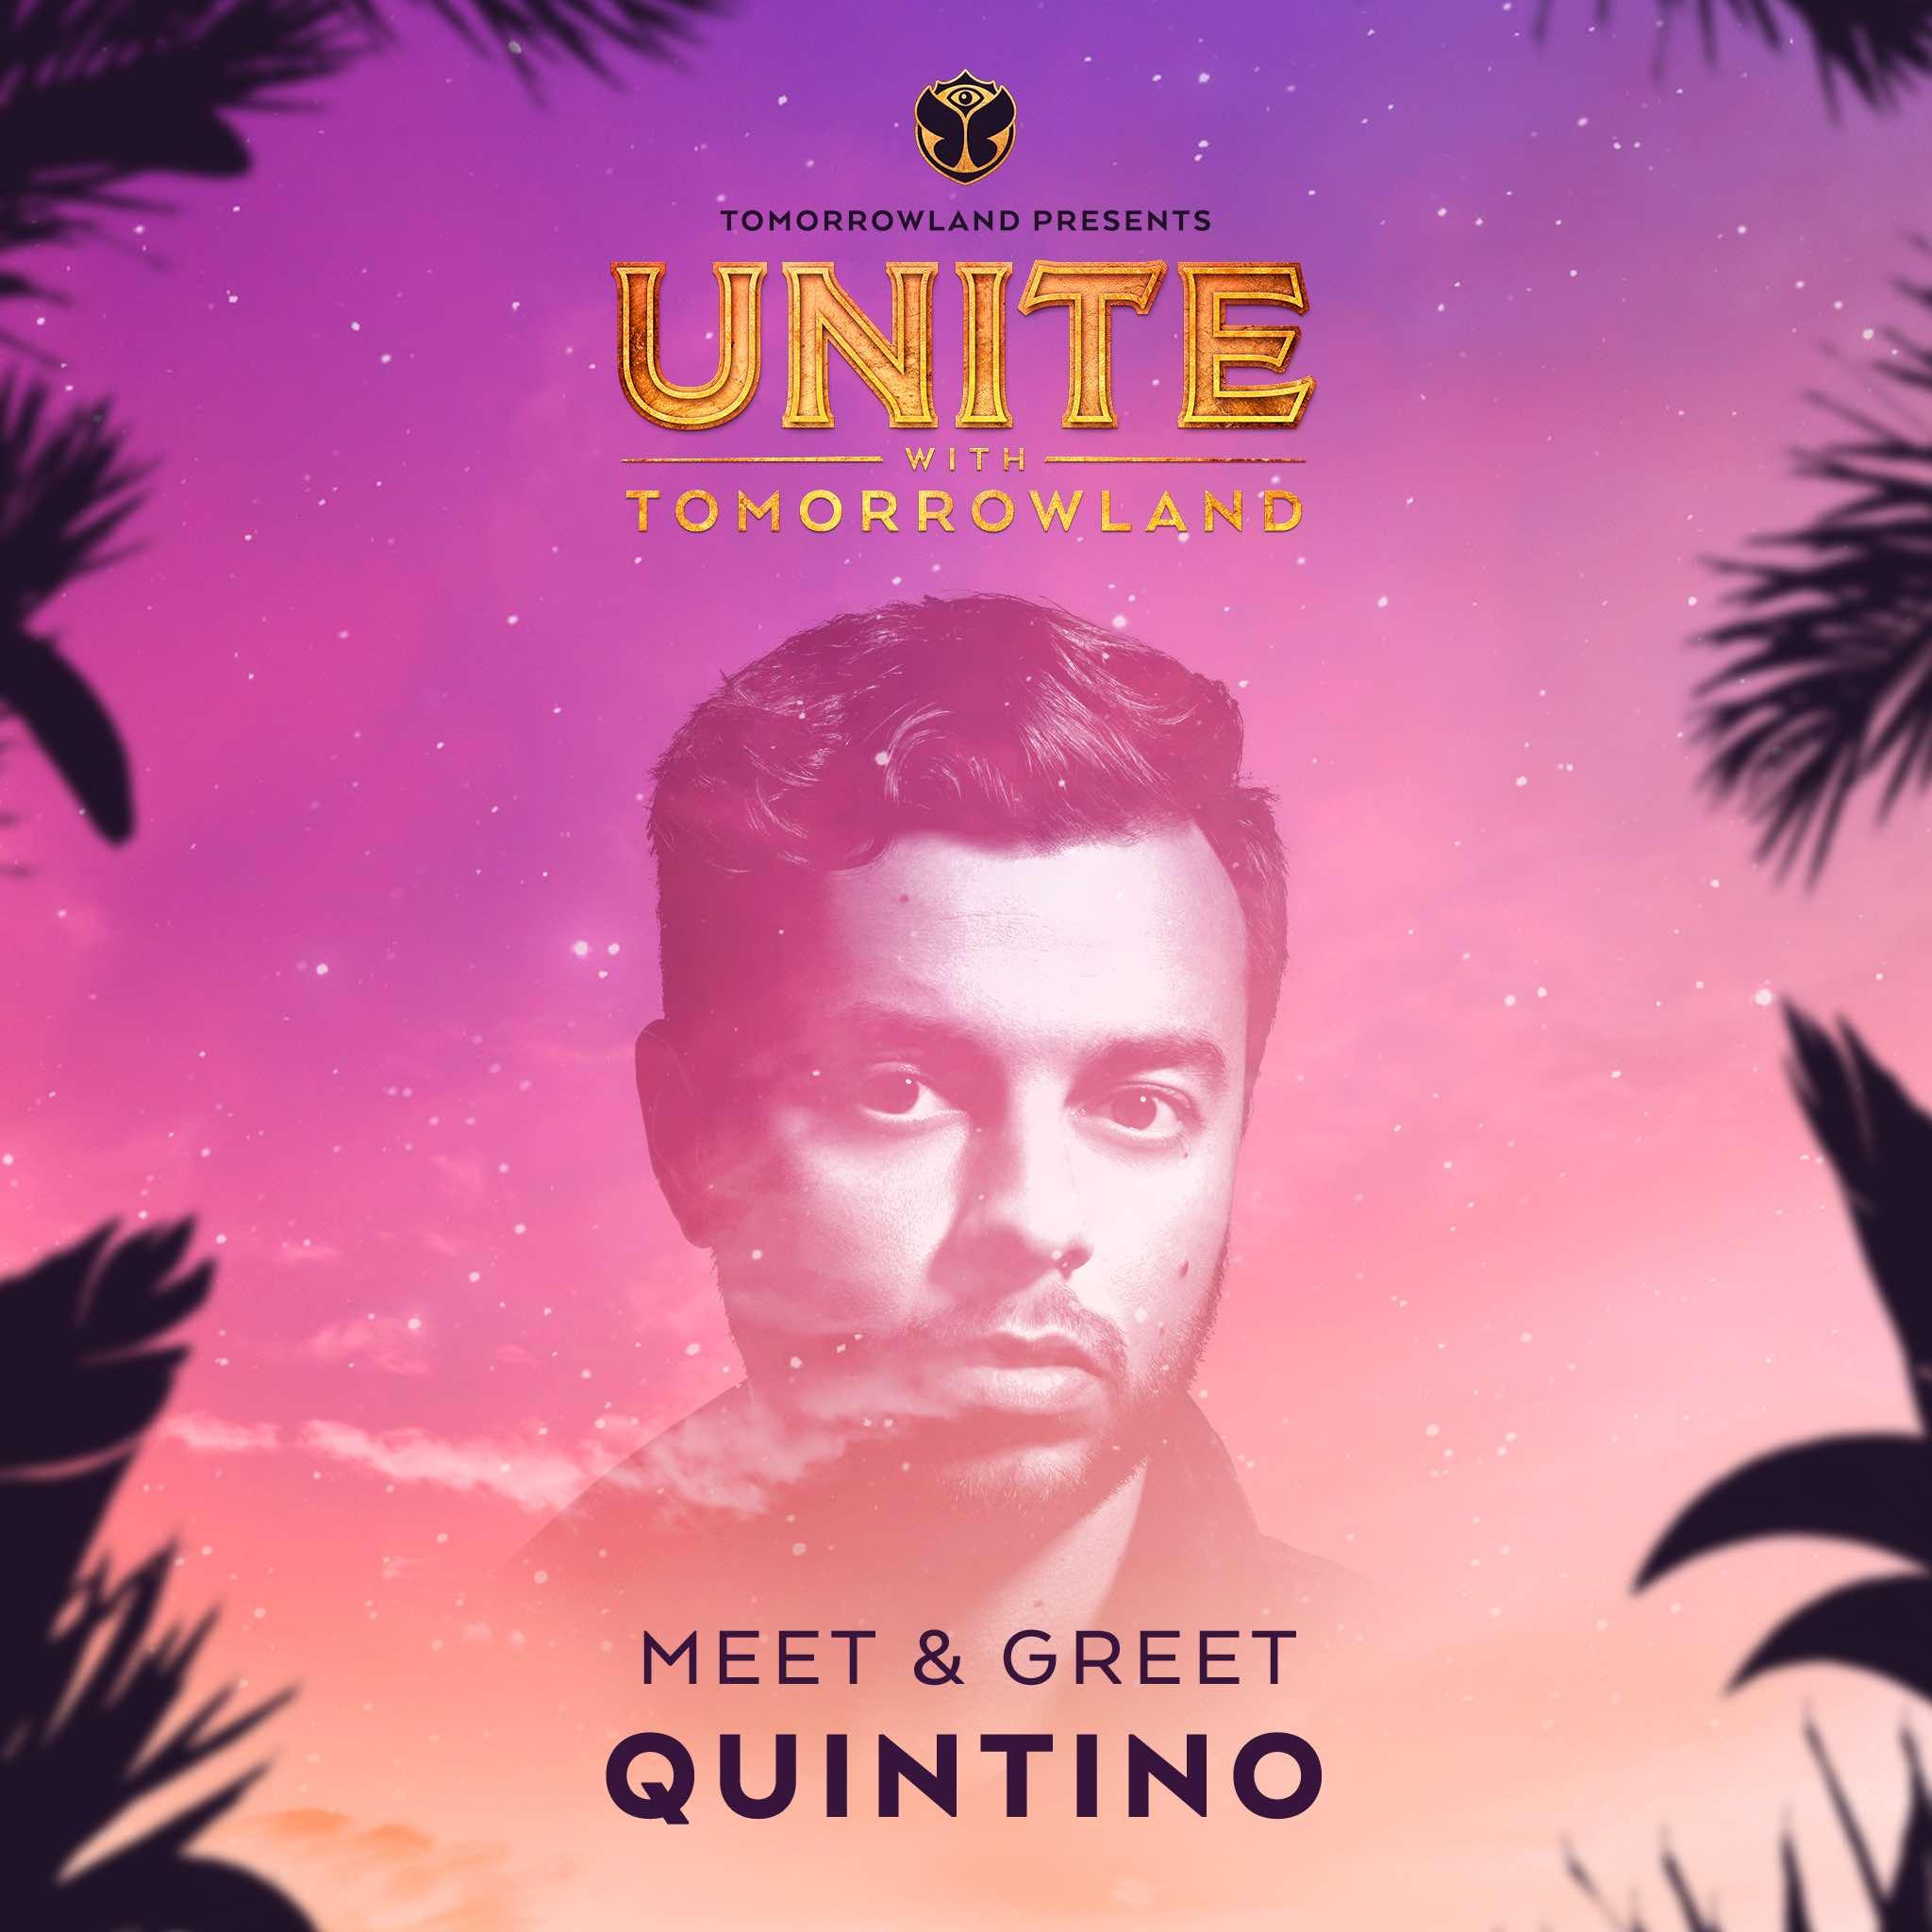 Meet & Greet con Quintino - Si querías conocer a Quintino, habrás participado a través de sus redes sociales.- Post Facebook.- Tweet en Twitter.Pues hemos reunido a todos los fanáticos del artista y un software se ha encargado de escoger un nombre aleatorio. Si este es tu nombre, es que te hemos enviado un correo con las instrucciones. ¡Nos vemos en UNITE!Ganadores:🏆@dani_garcia1998 (a través del Instagram)🏆@xxloree (a través del Instagram)